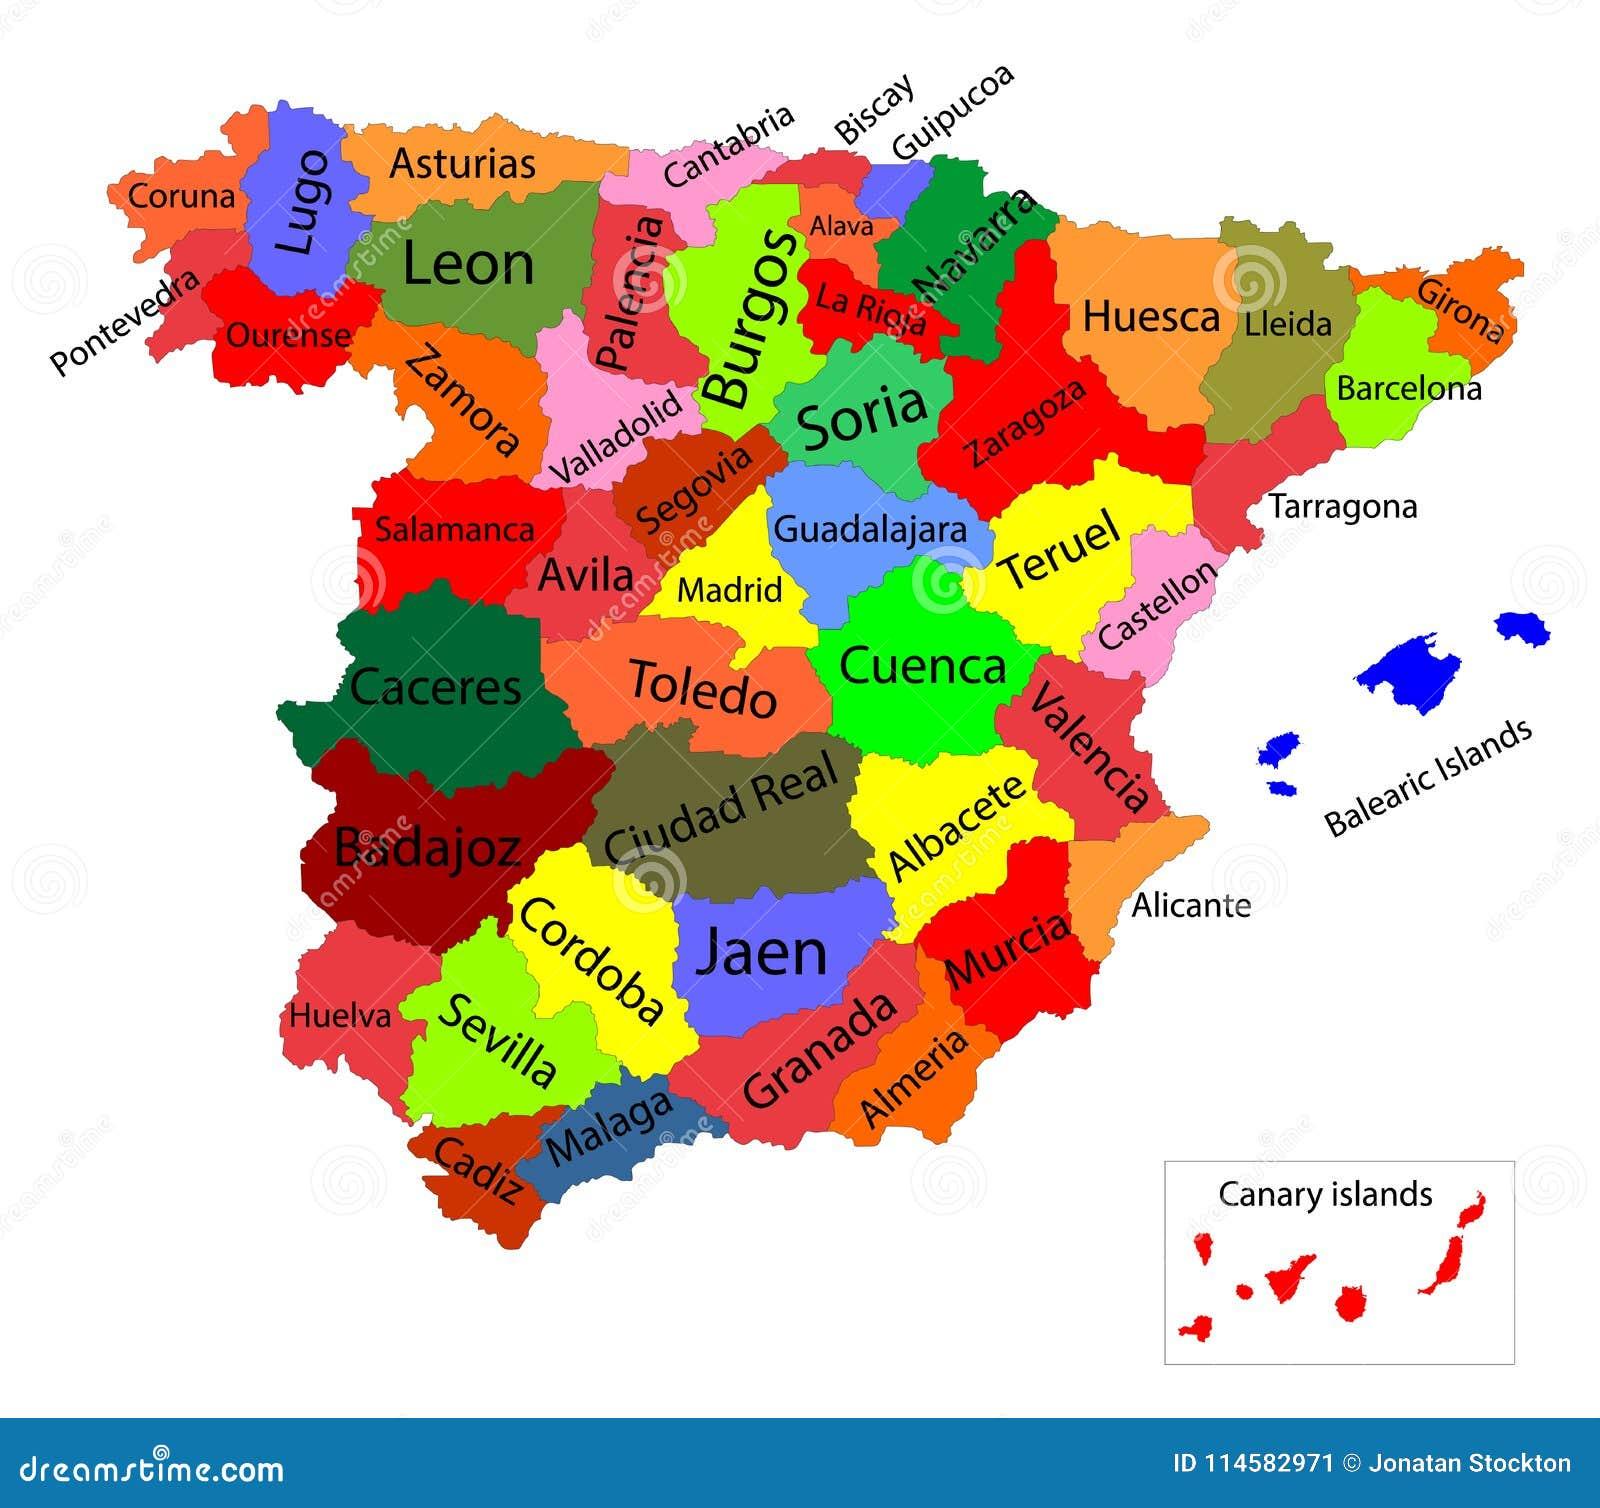 Cartina Politica Spagna Con Capoluoghi.Mappa Variopinta Editabile Della Spagna Comunita Autonome Della Spagna Divisioni Amministrative Della Spagna Province Separate Illustrazione Di Stock Illustrazione Di Icone Divisioni 114582971